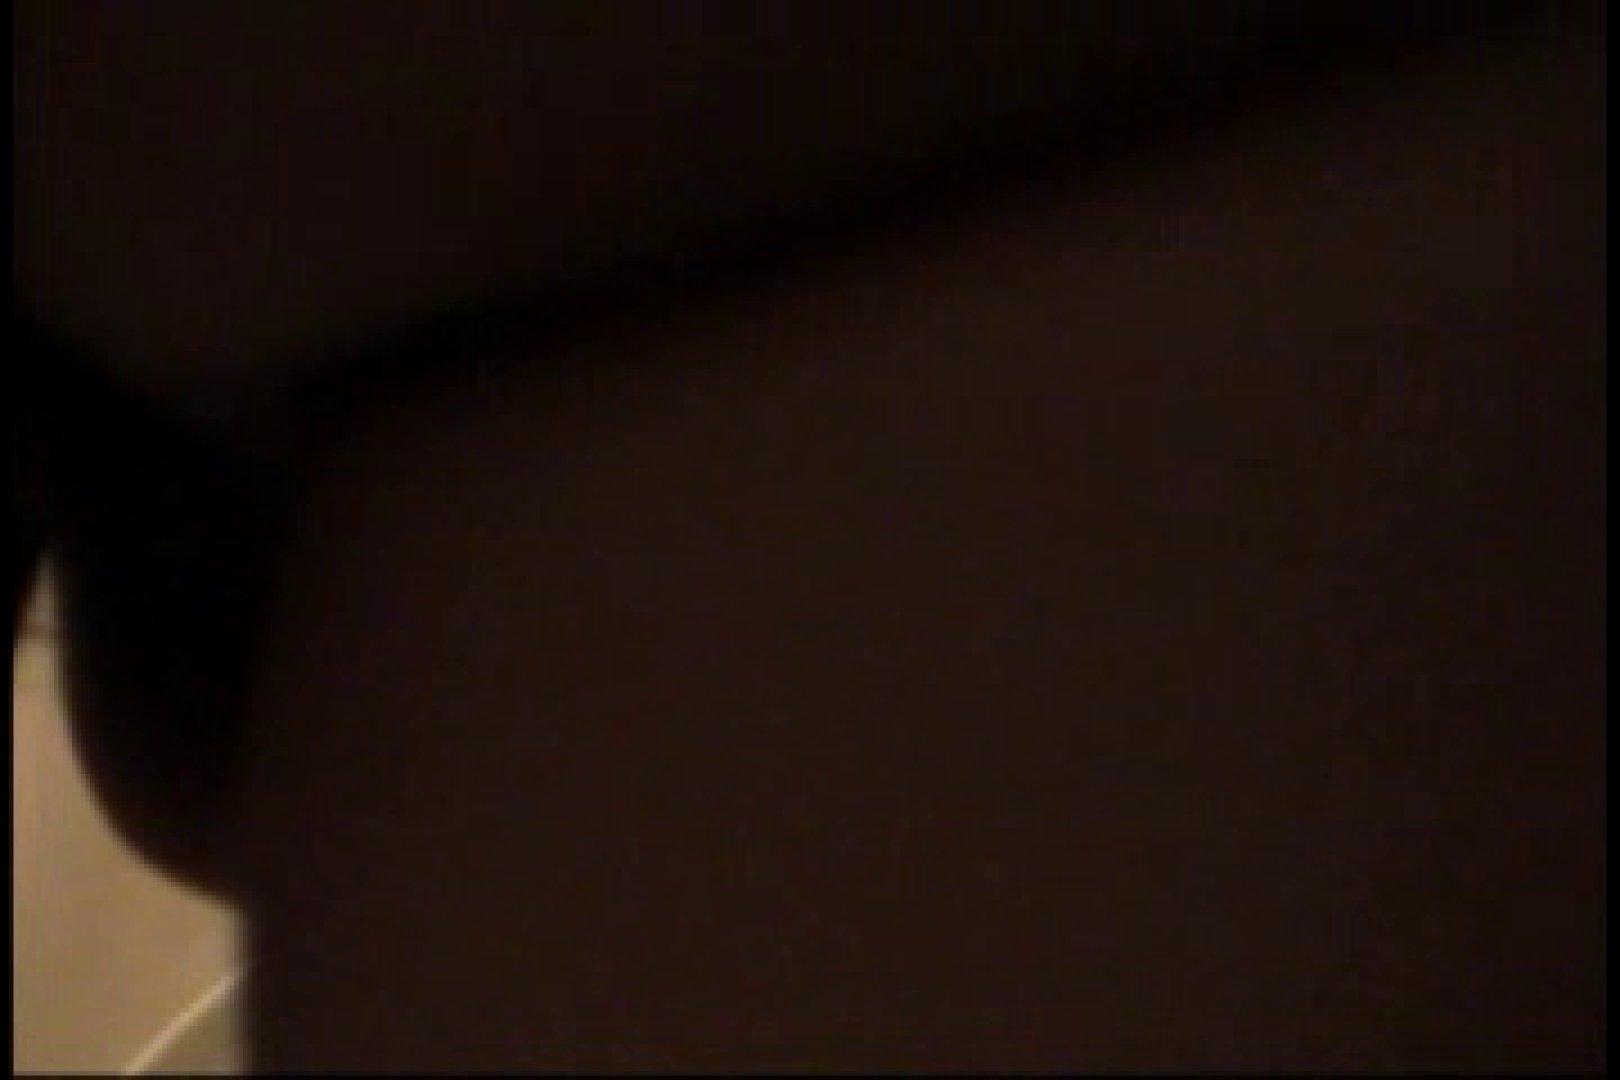 三ツ星シリーズ!!陰間茶屋独占!!第二弾!!イケメン羞恥心File.04 自慰 ゲイAV画像 68画像 14